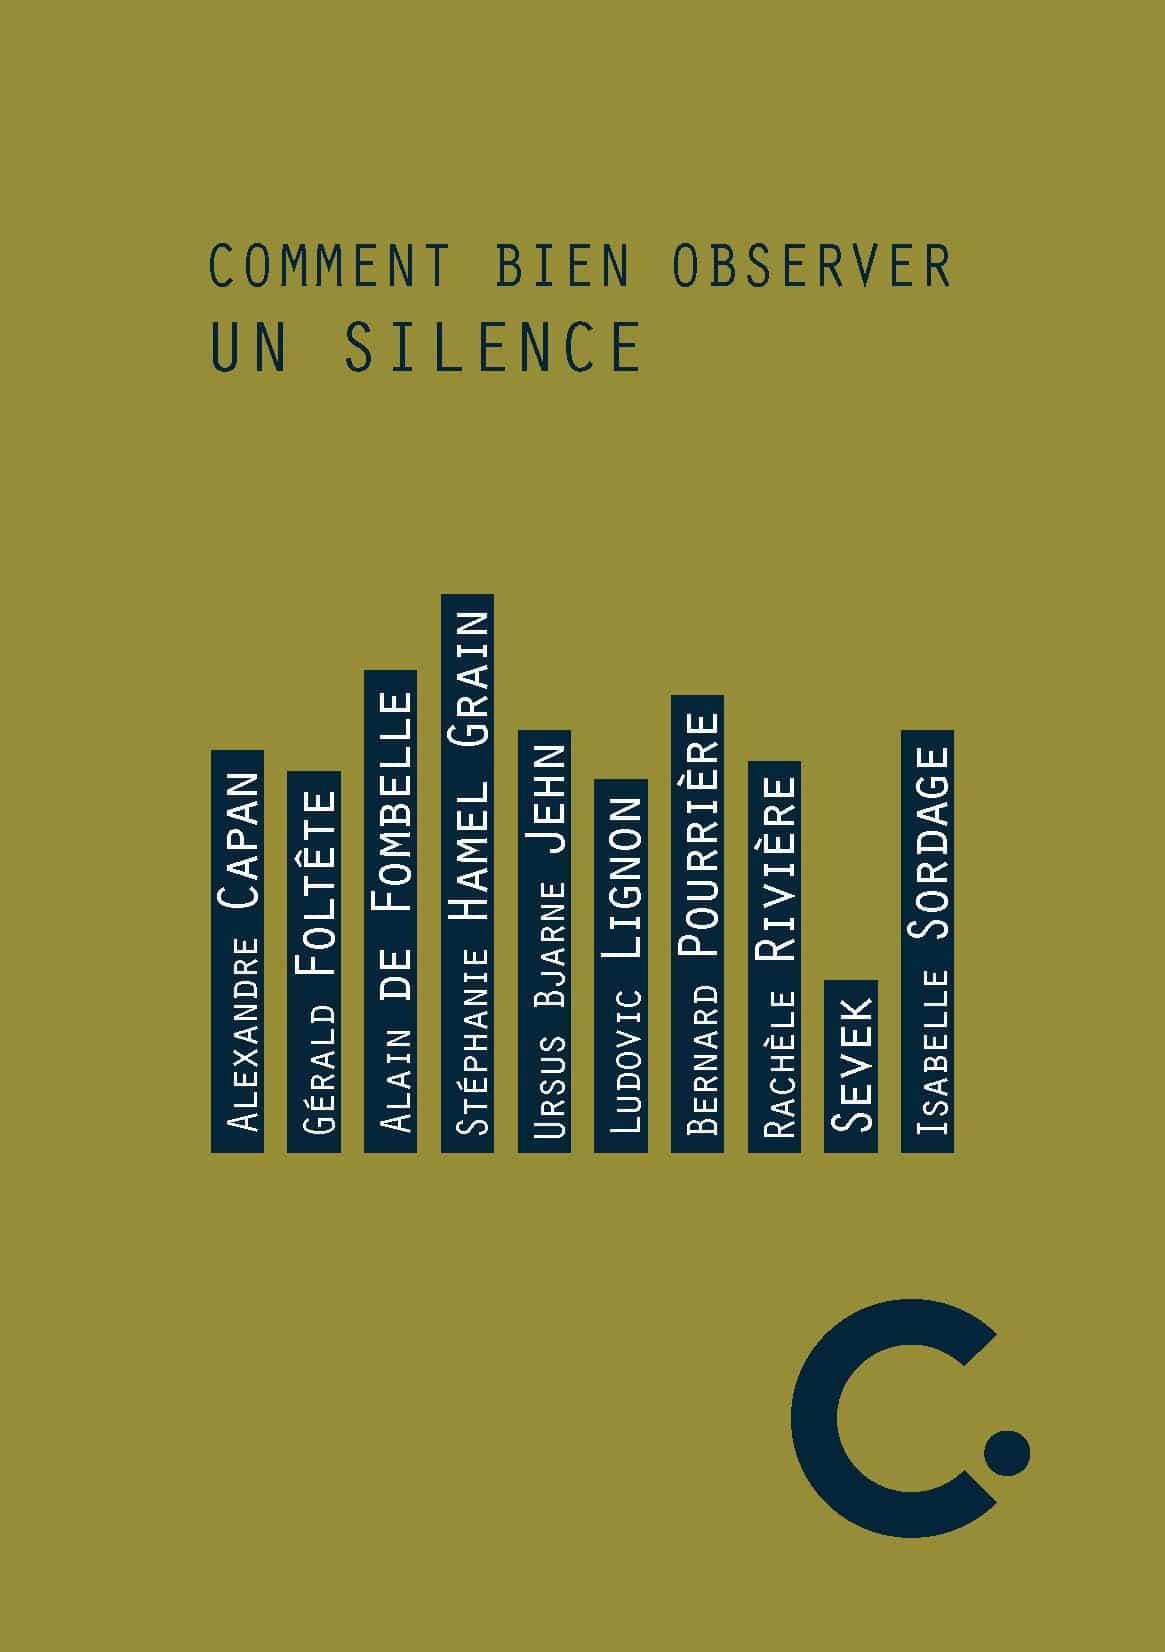 Comment bien observer un silence